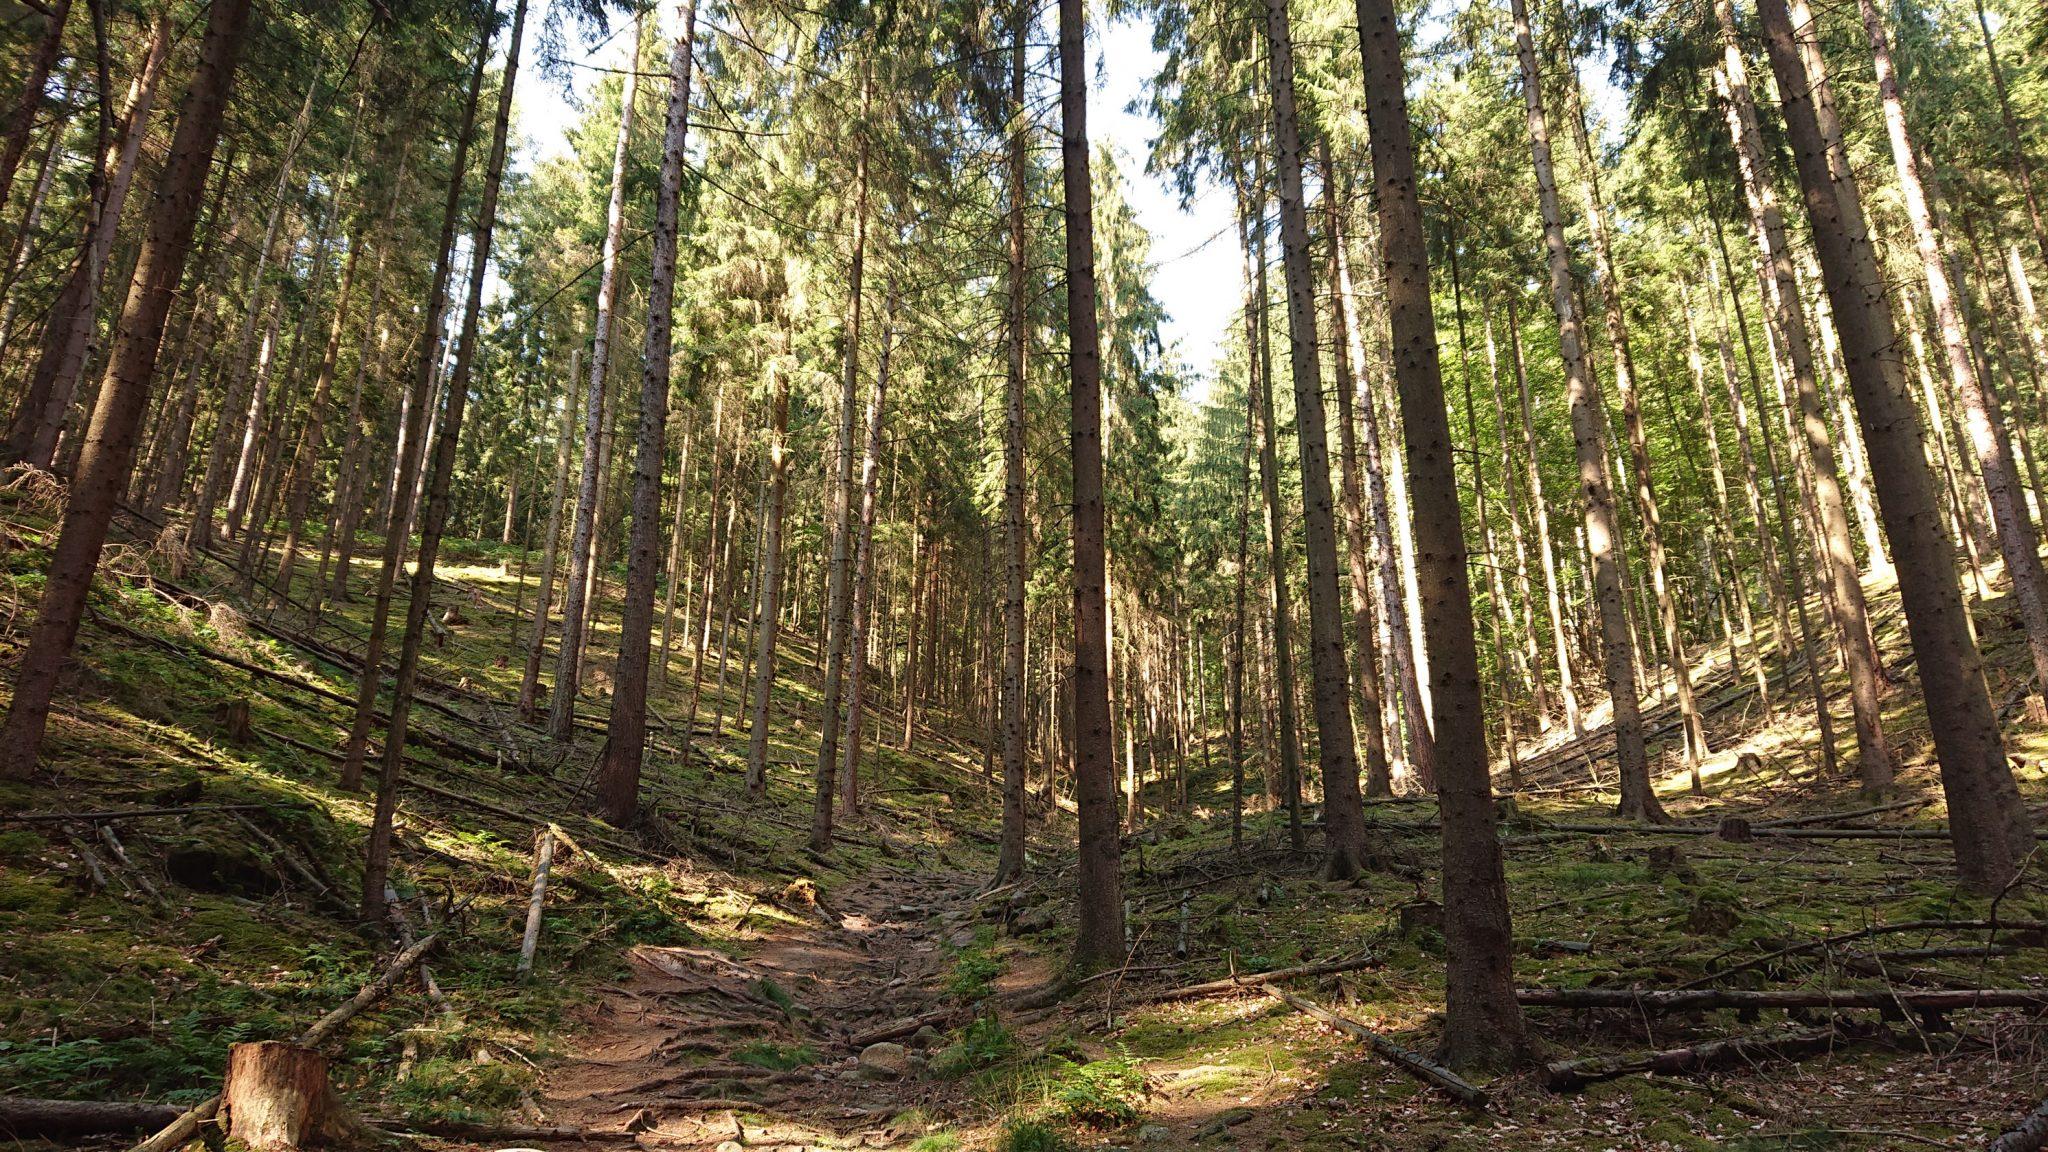 Hohe Liebe Schrammsteine Carolafelsen, Wanderweg im Wanderparadies Sächsische Schweiz mit vielen tollen Aussichten, riesiger Felsennationalpark, viele umgestürzte Bäume